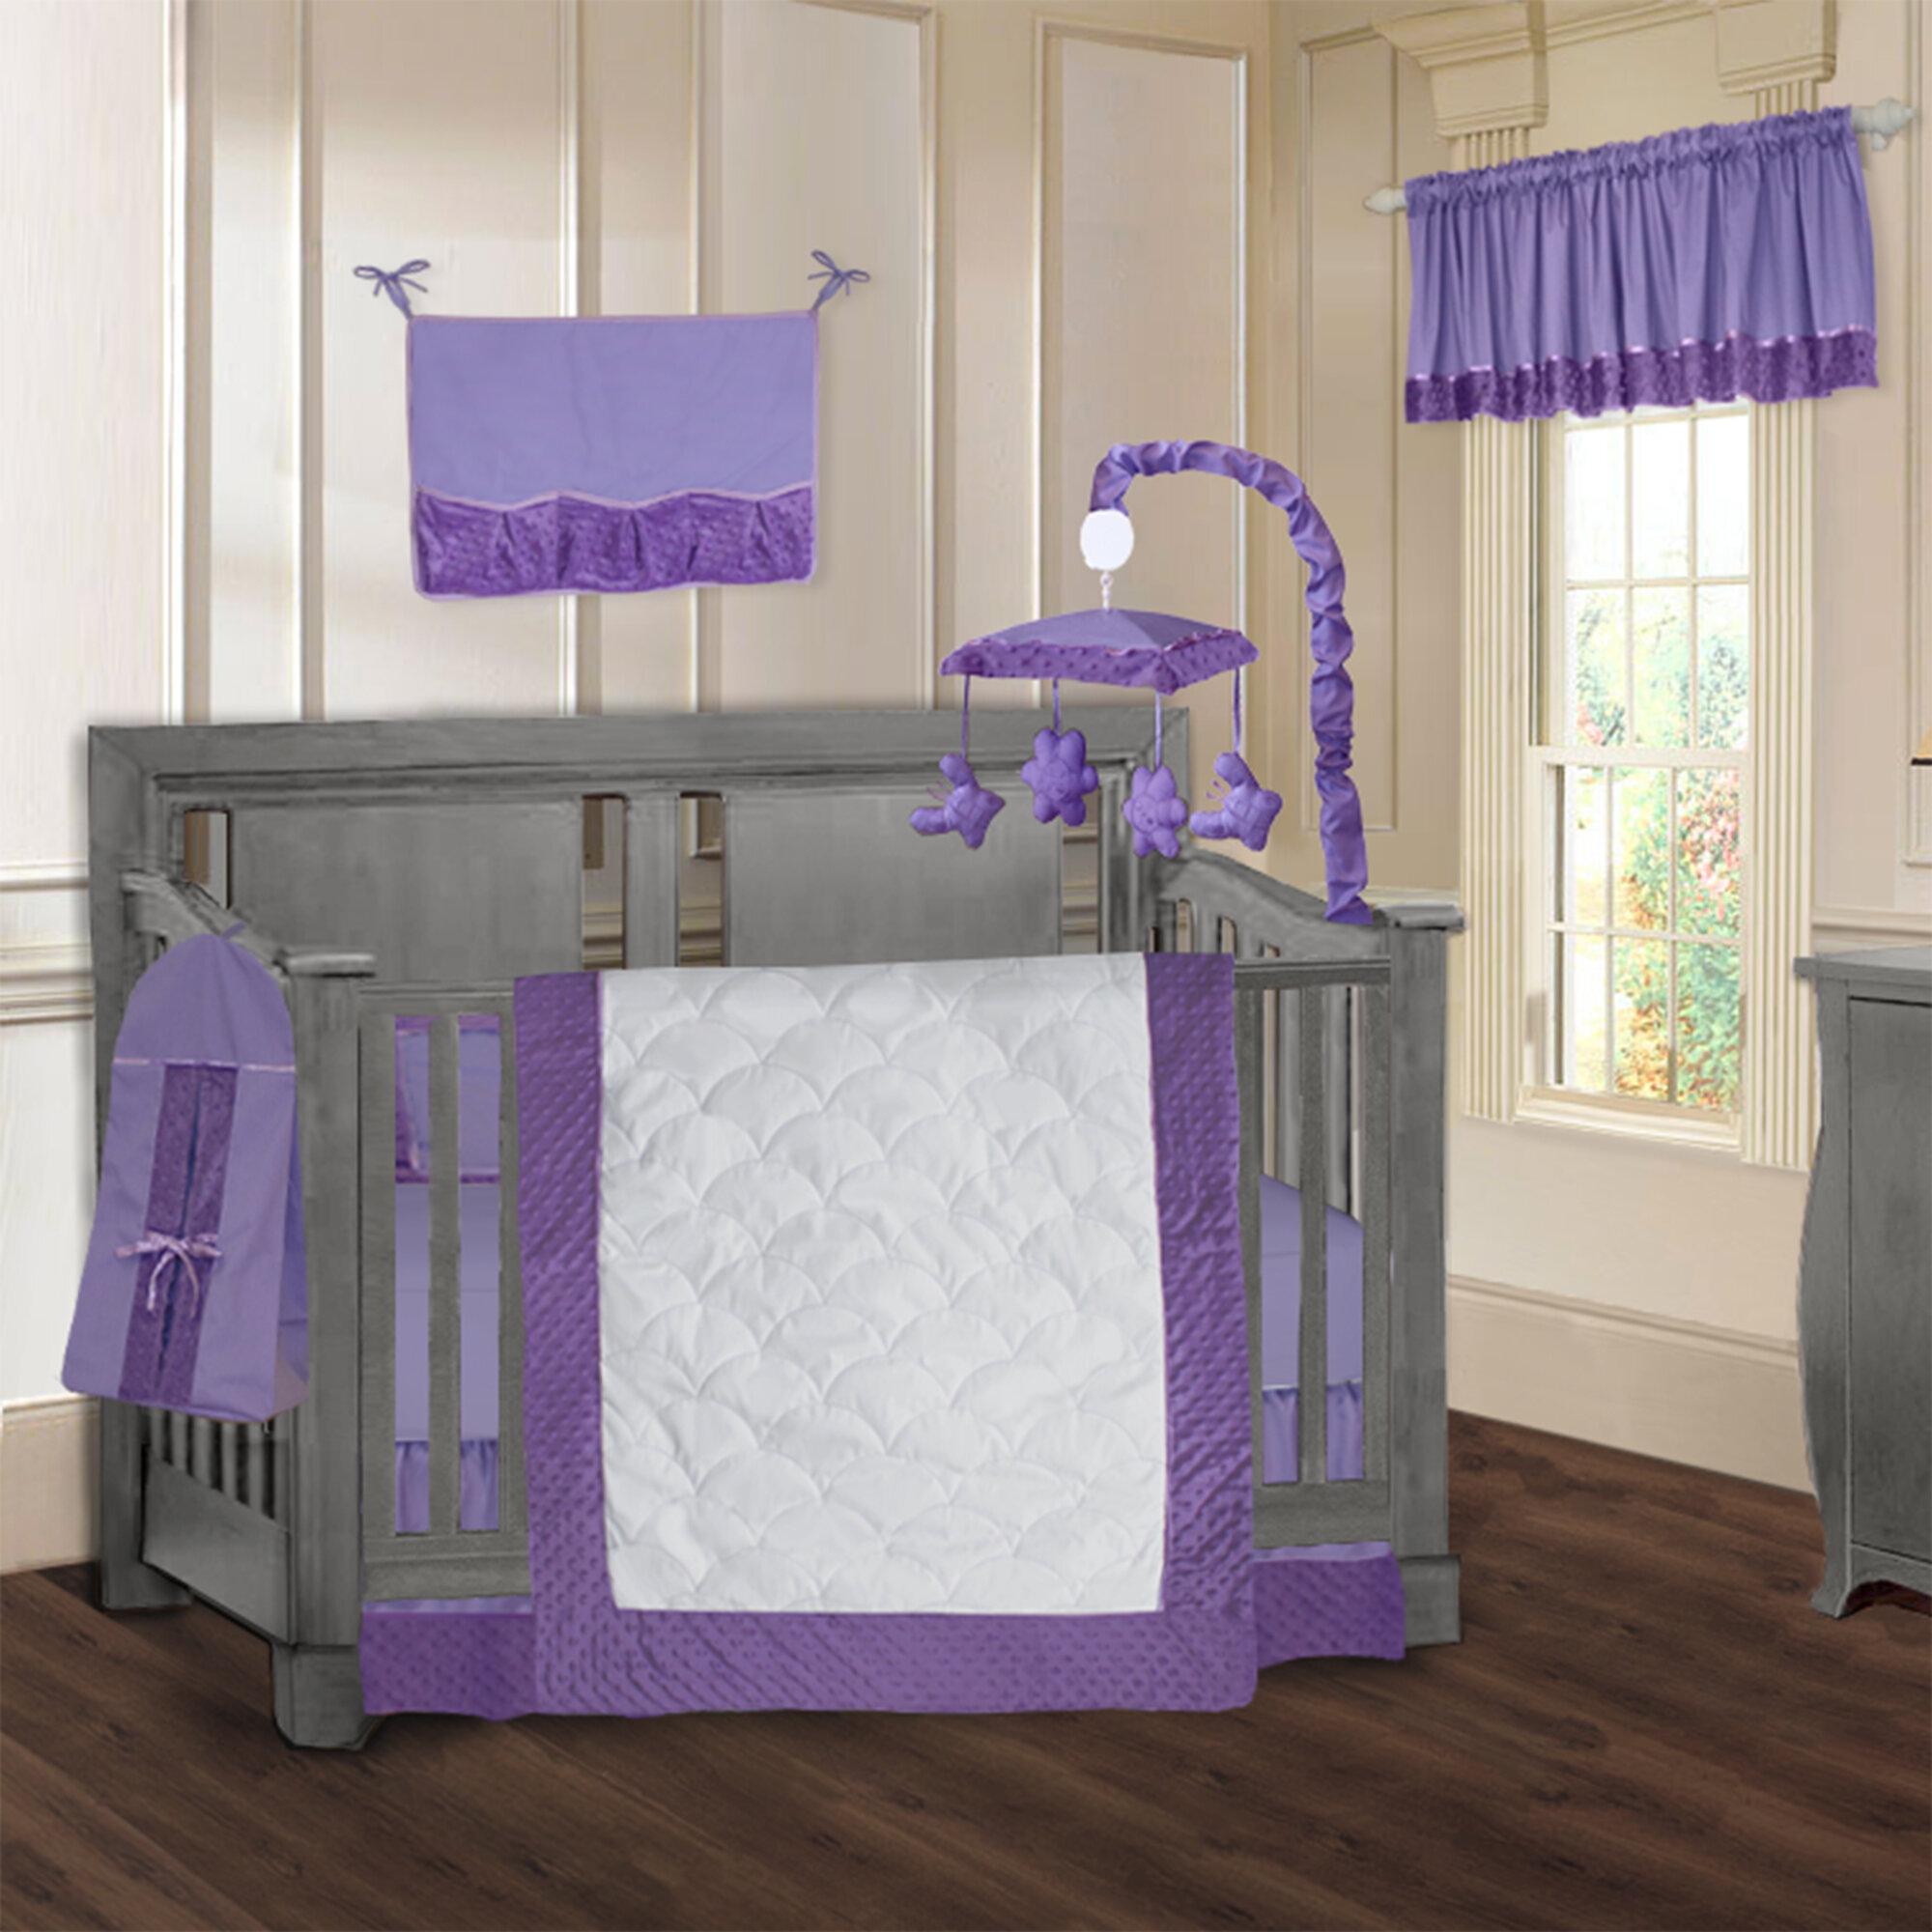 Bedding Purple Boho Damask Elephant Girls Queen Comforter Sheet Set 9 Piece Bed Set Home Garden Mbln Org